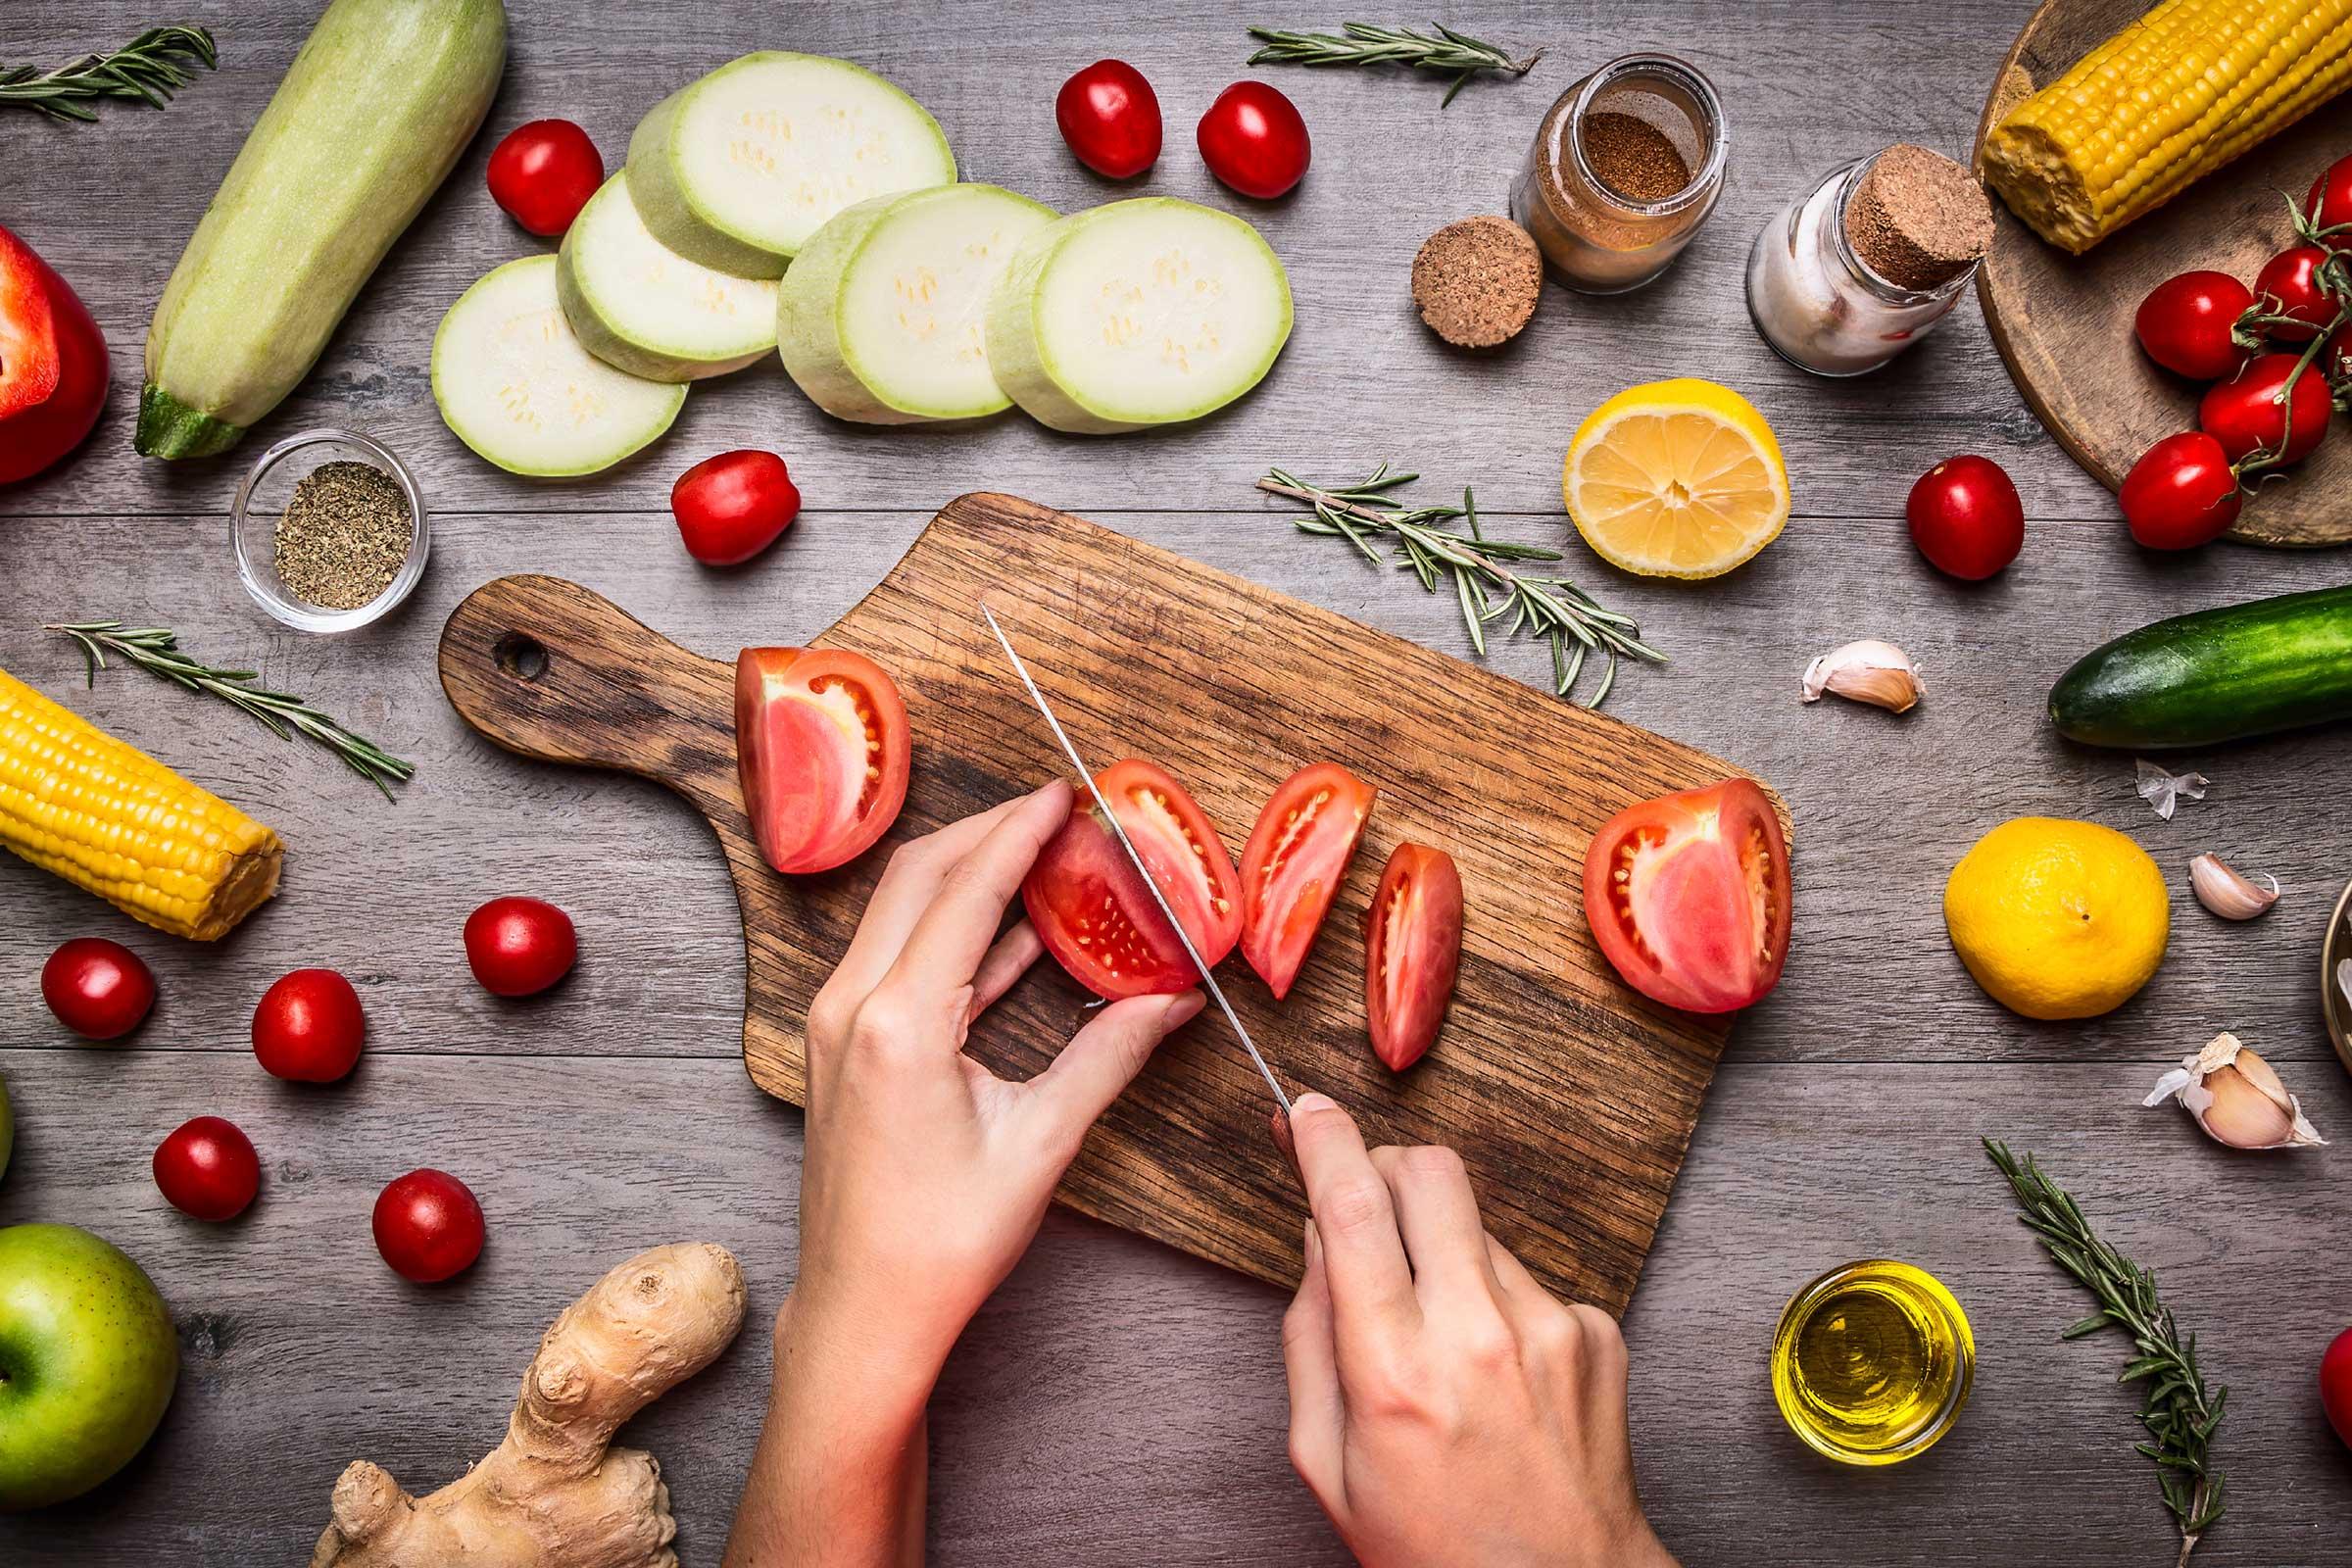 تناول الأطعمة الصحية للوقاية من ارتفاع الكوليسترول فى الدم